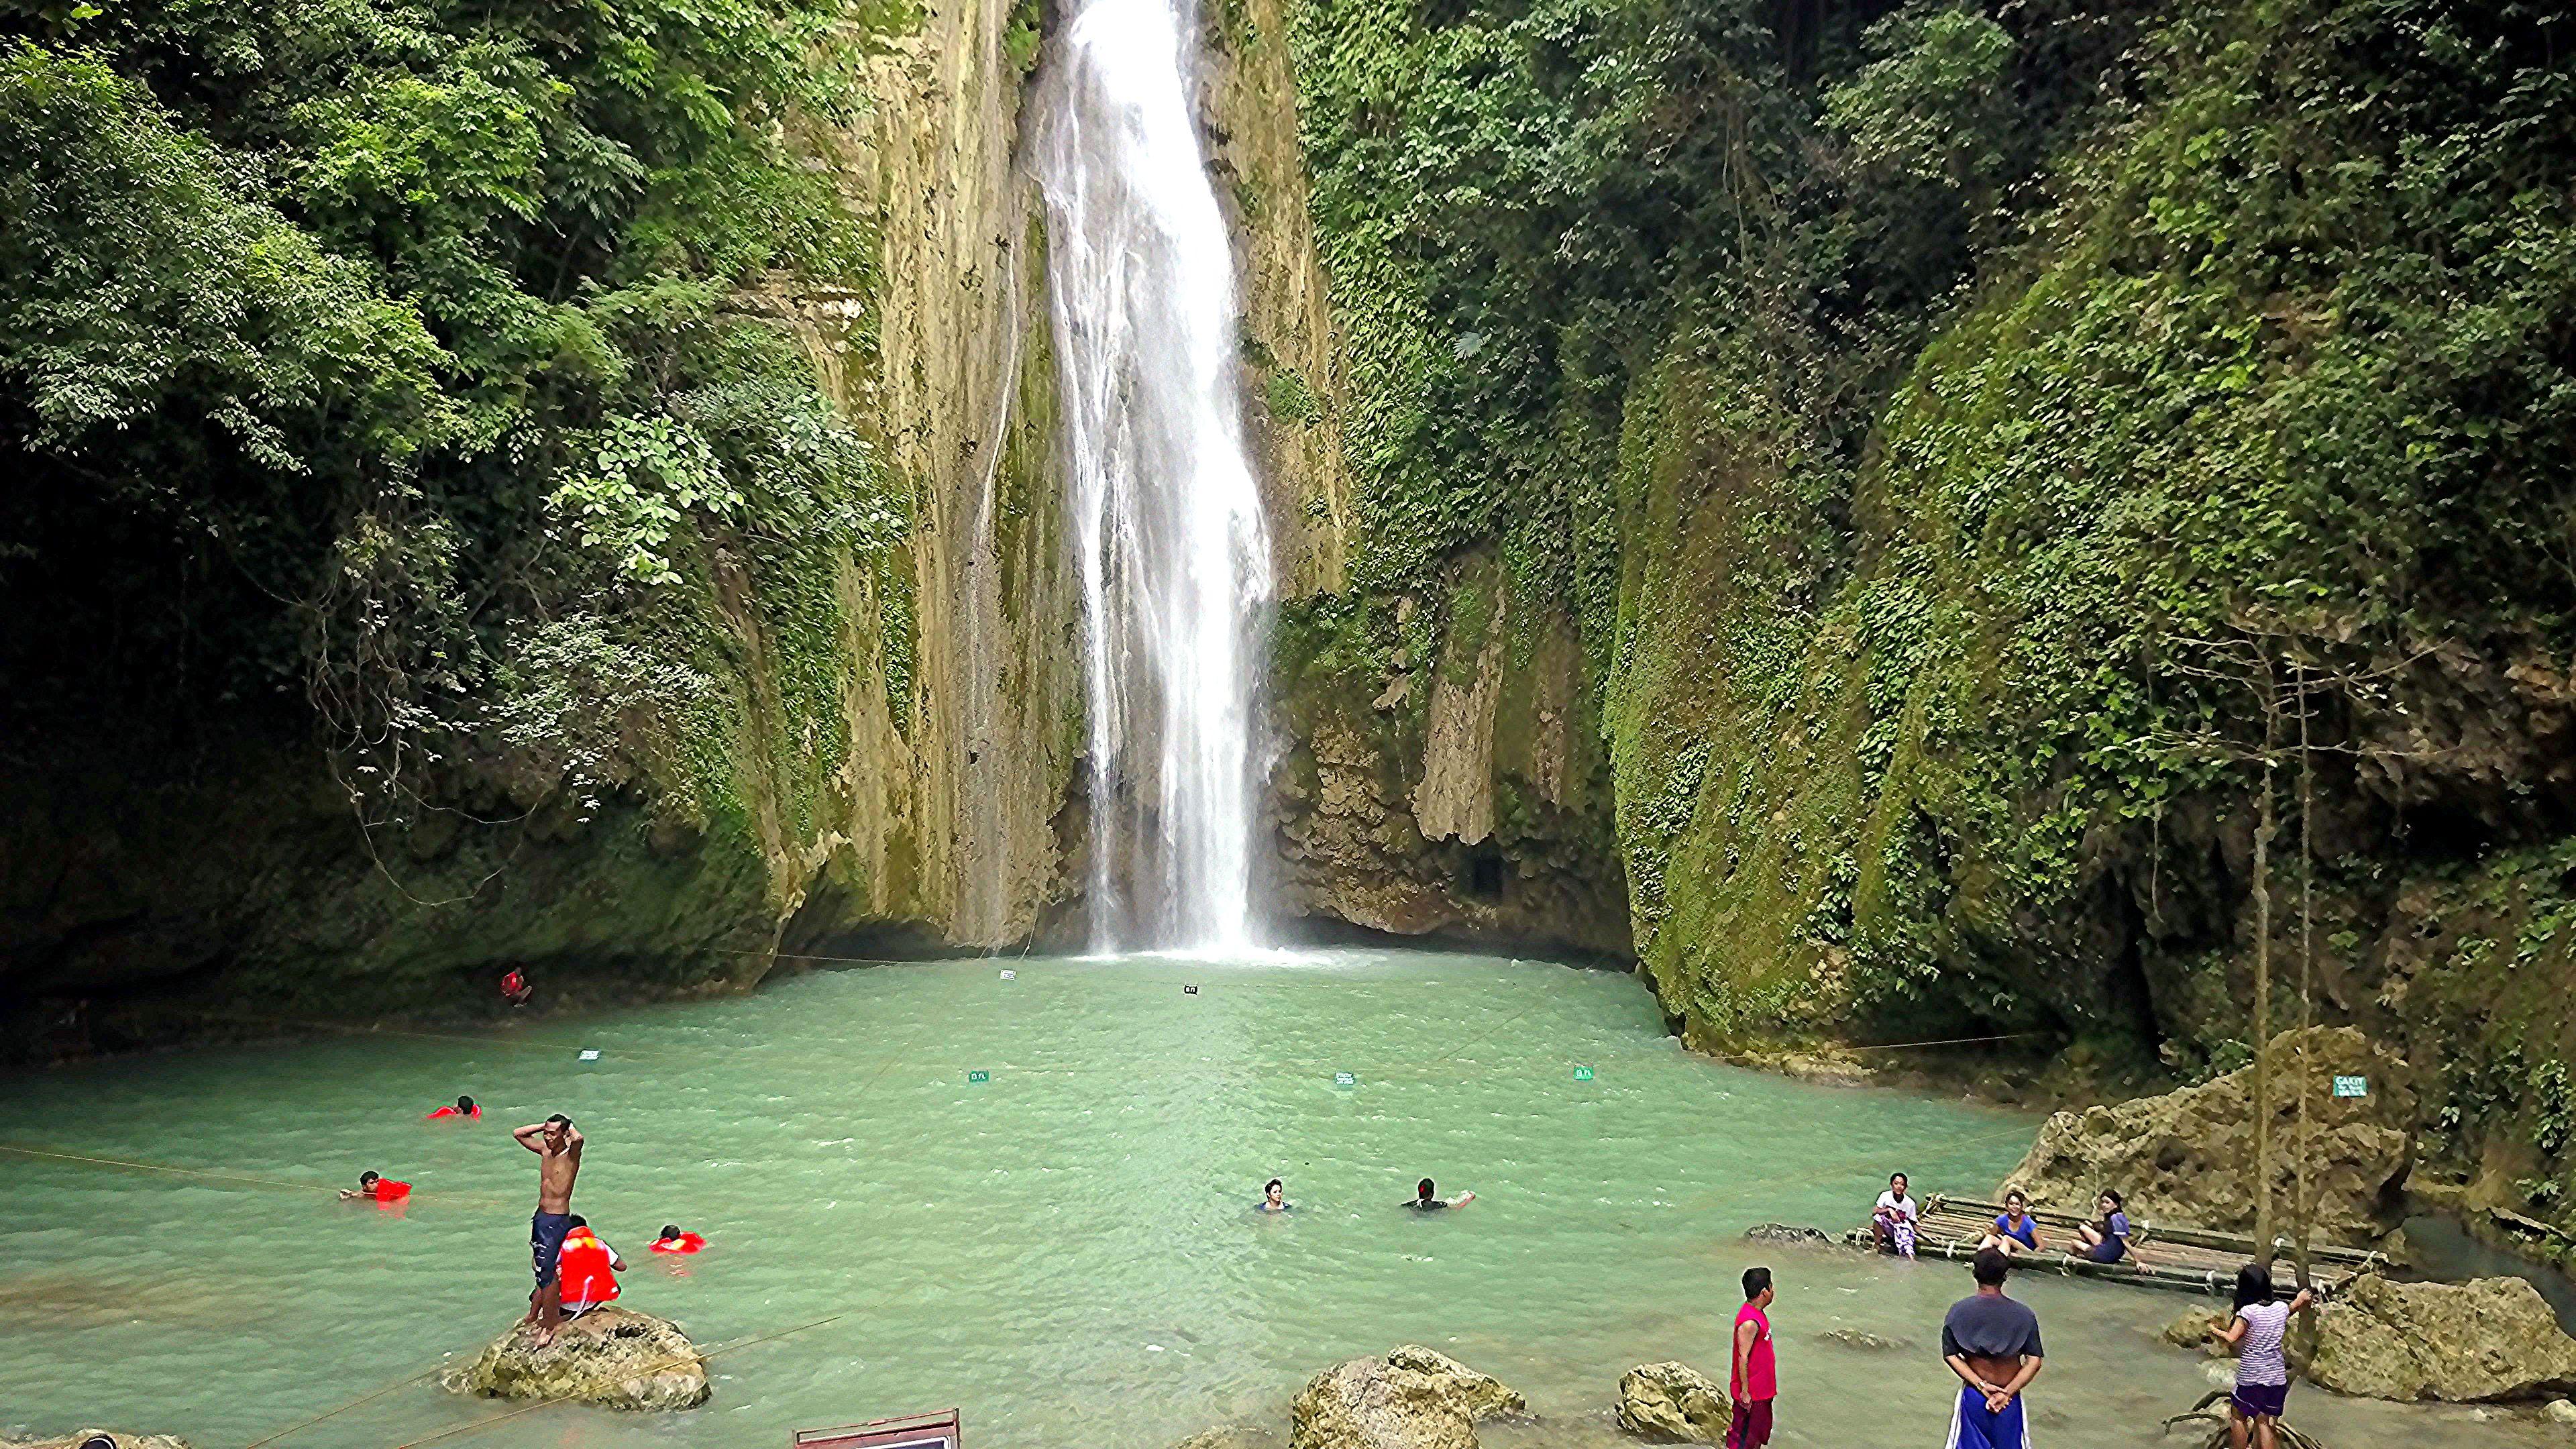 Mantayupan Falls, Barili, Cebu, Philippines #Cebu #Philippines #Waterfalls